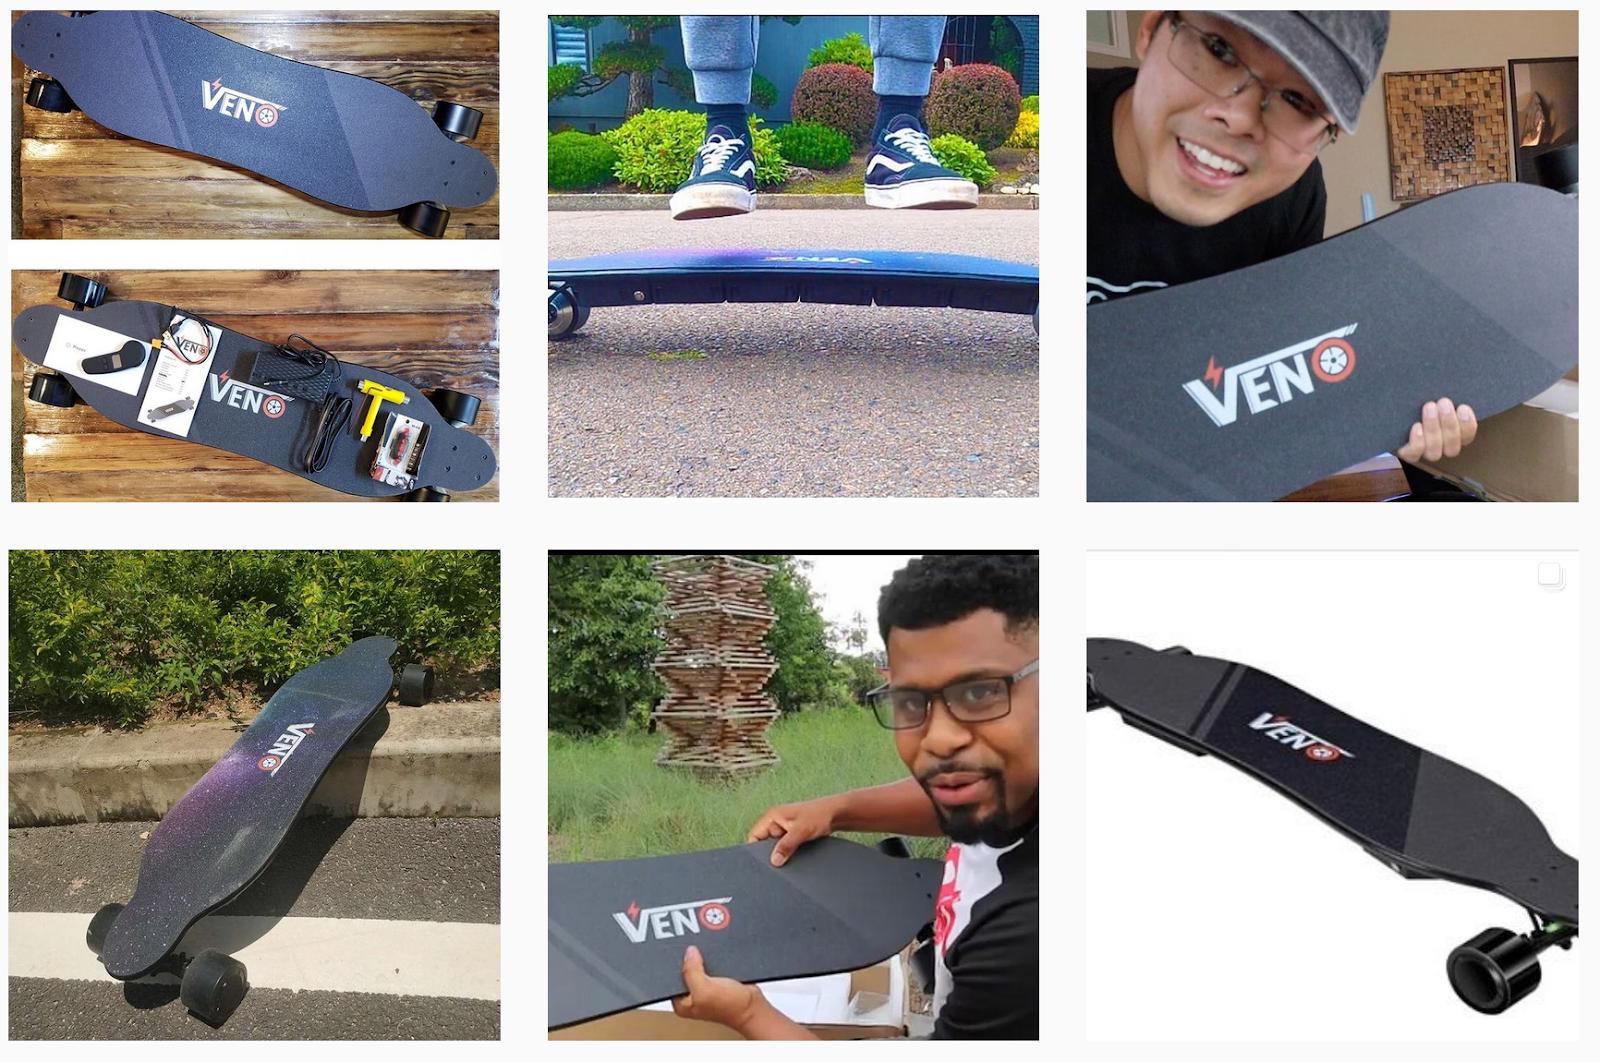 Venoboard - Promotional images on social media